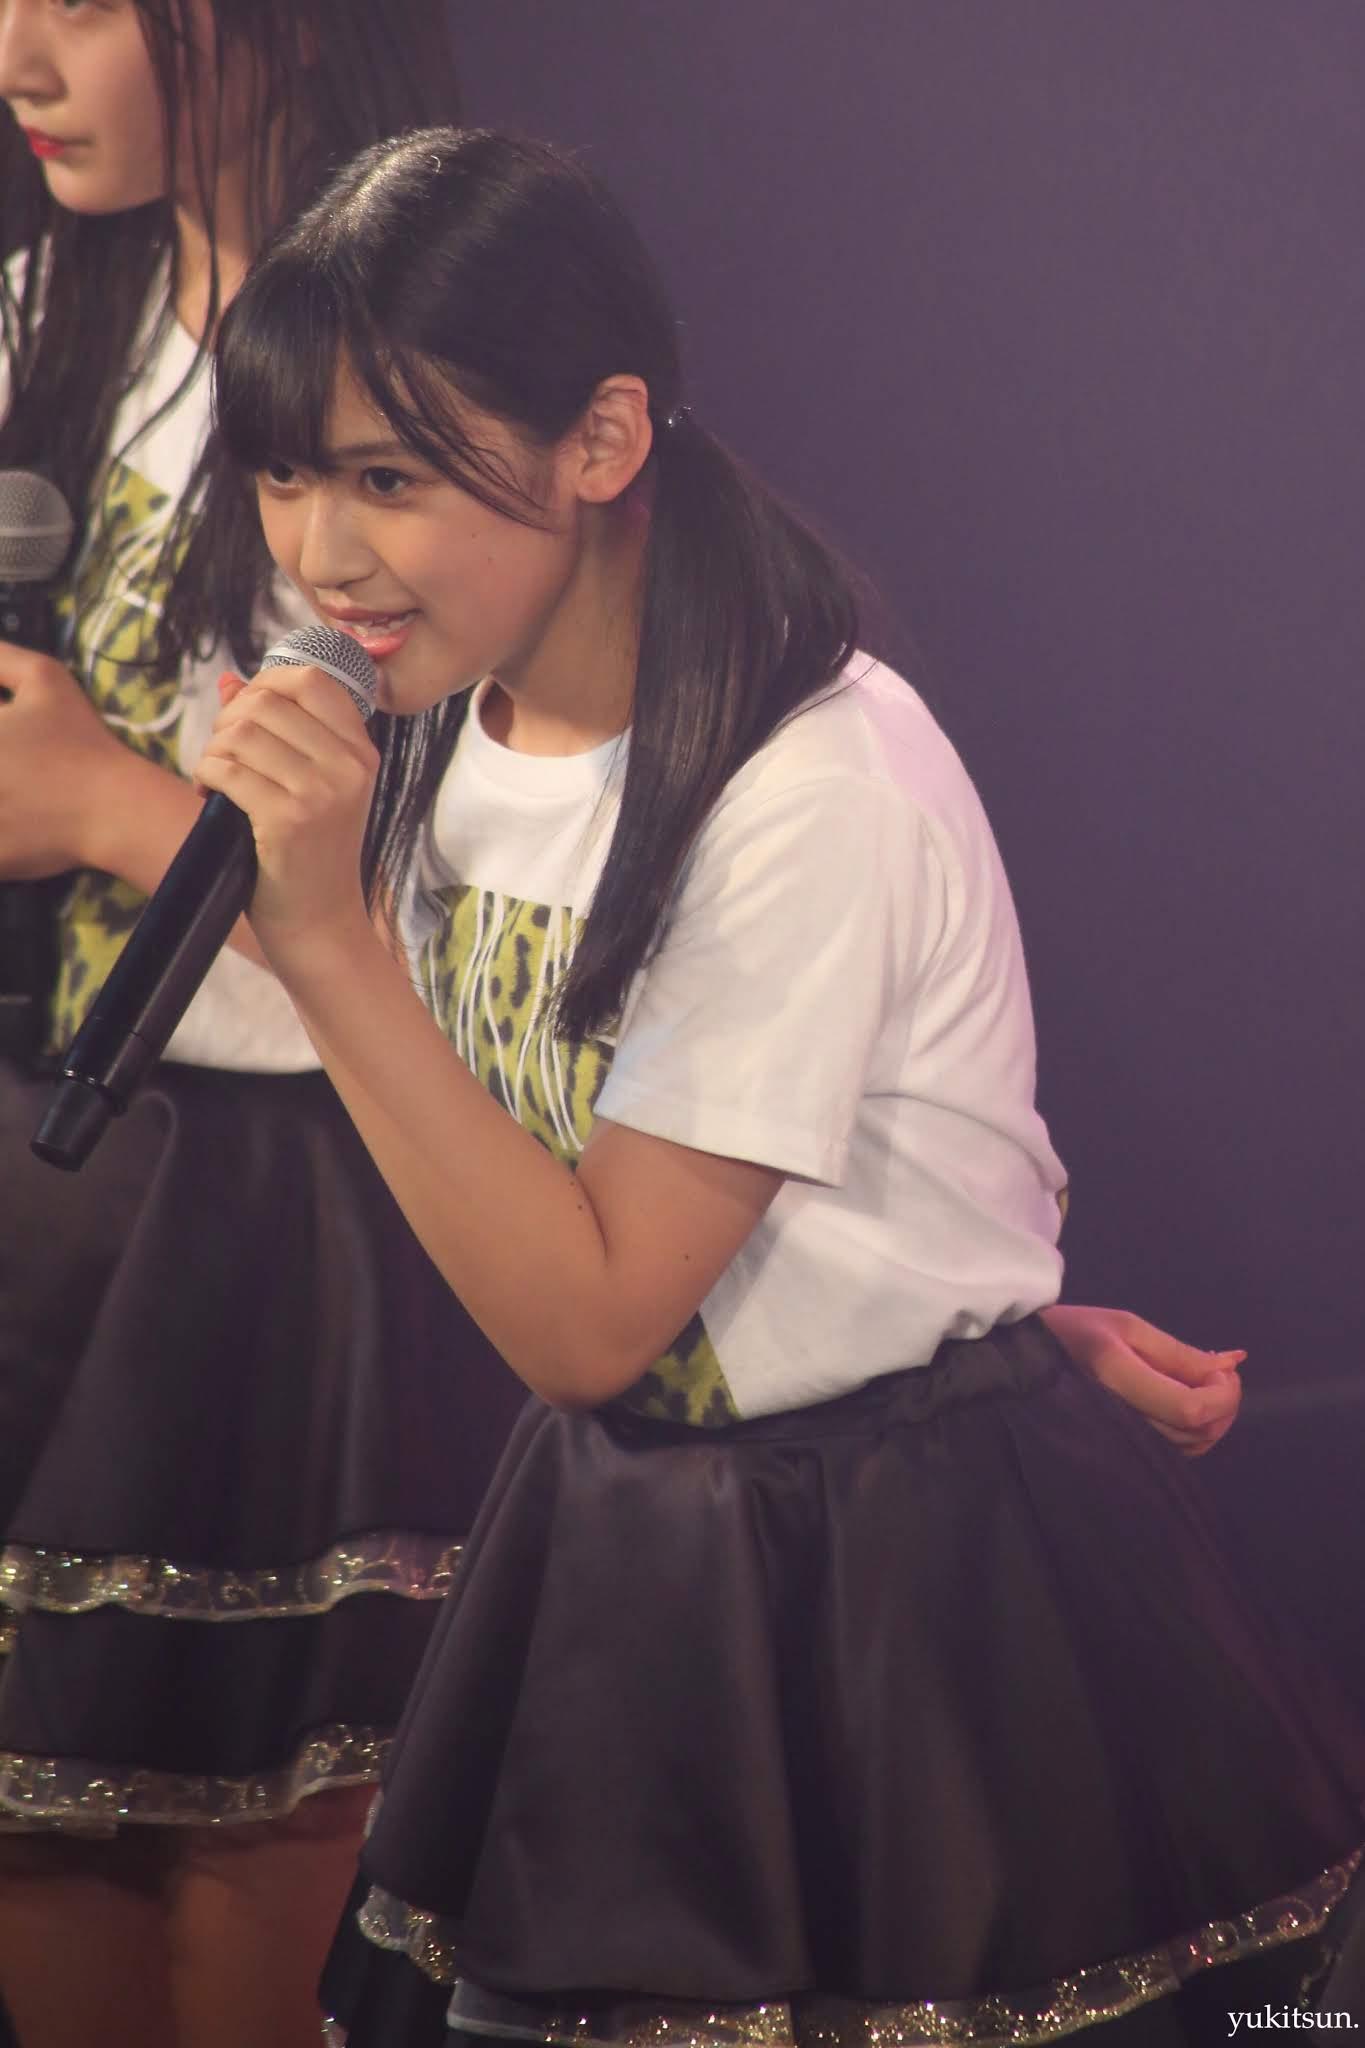 shinjidai-26